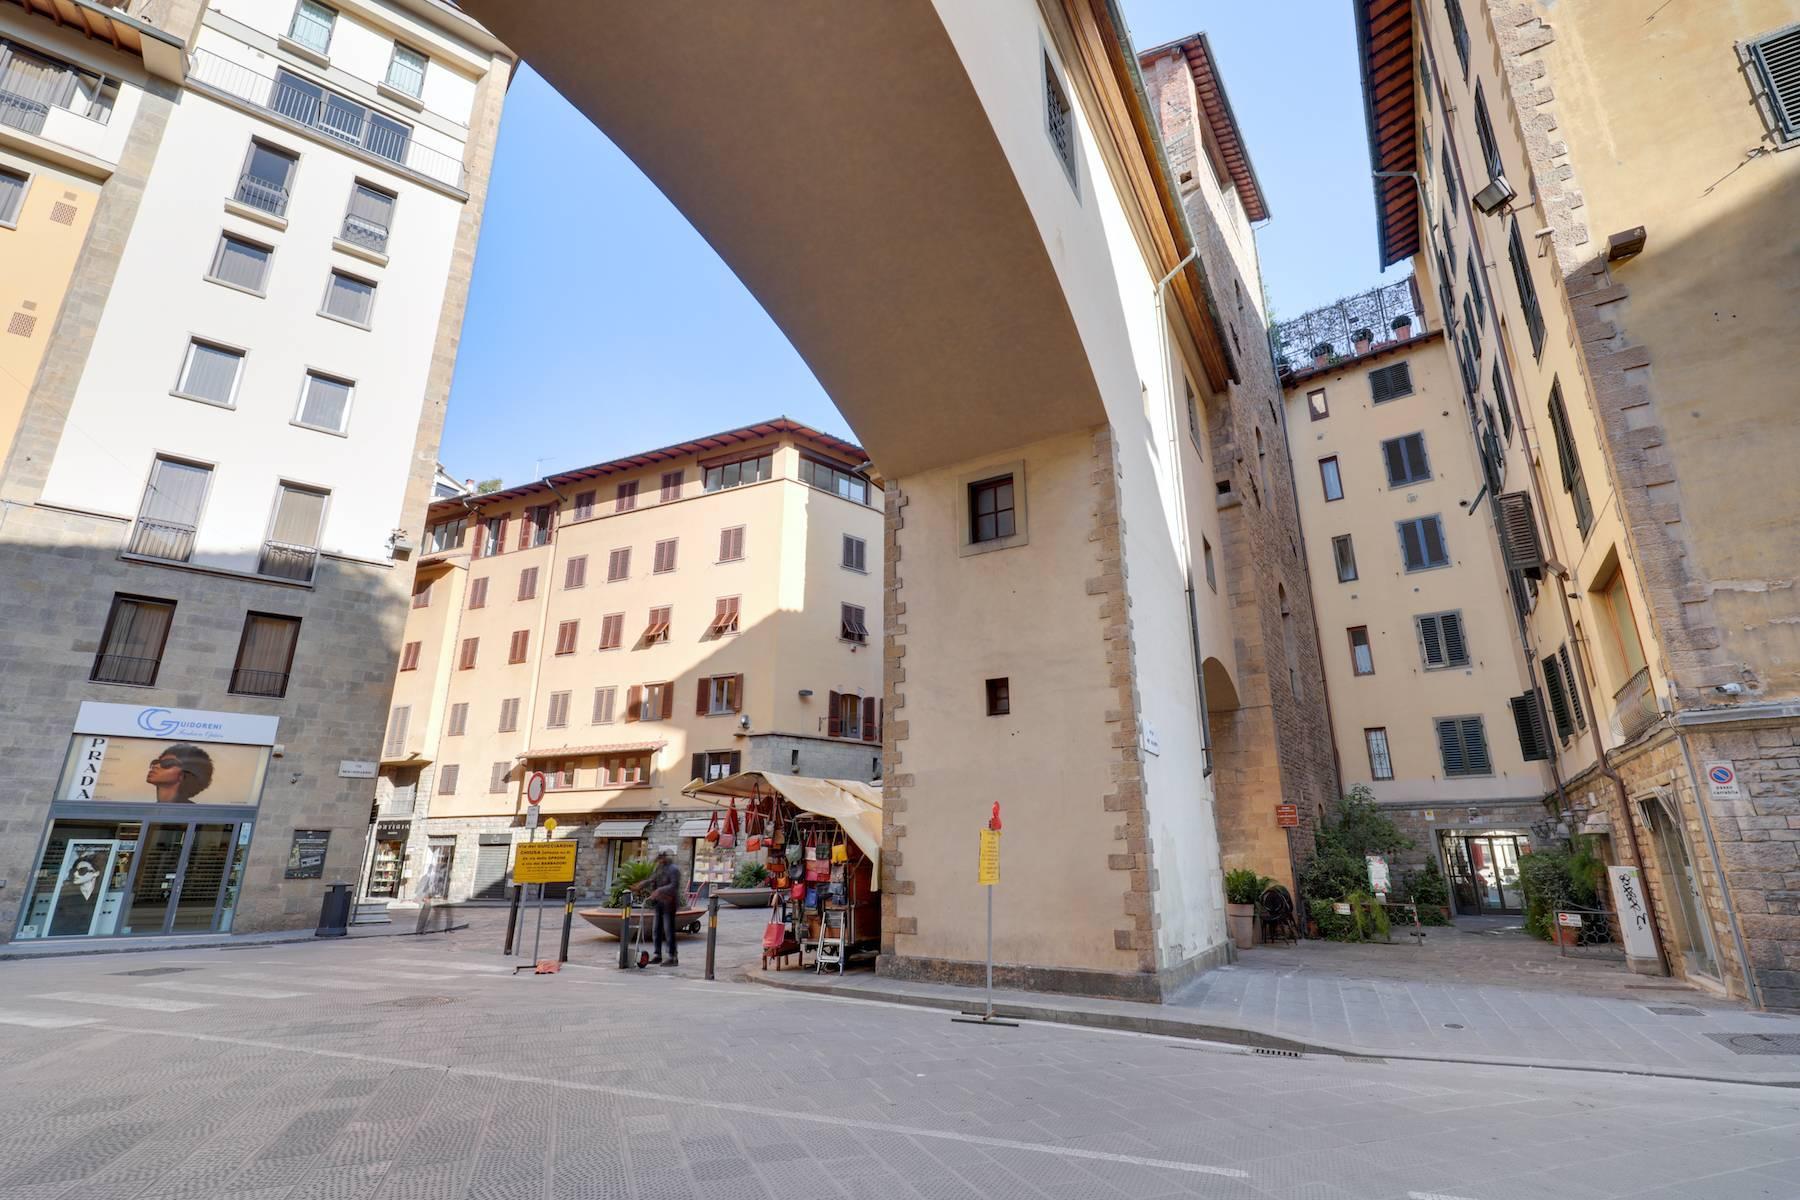 Шикарные апартаменты рядом с Понте Веккьо - 19